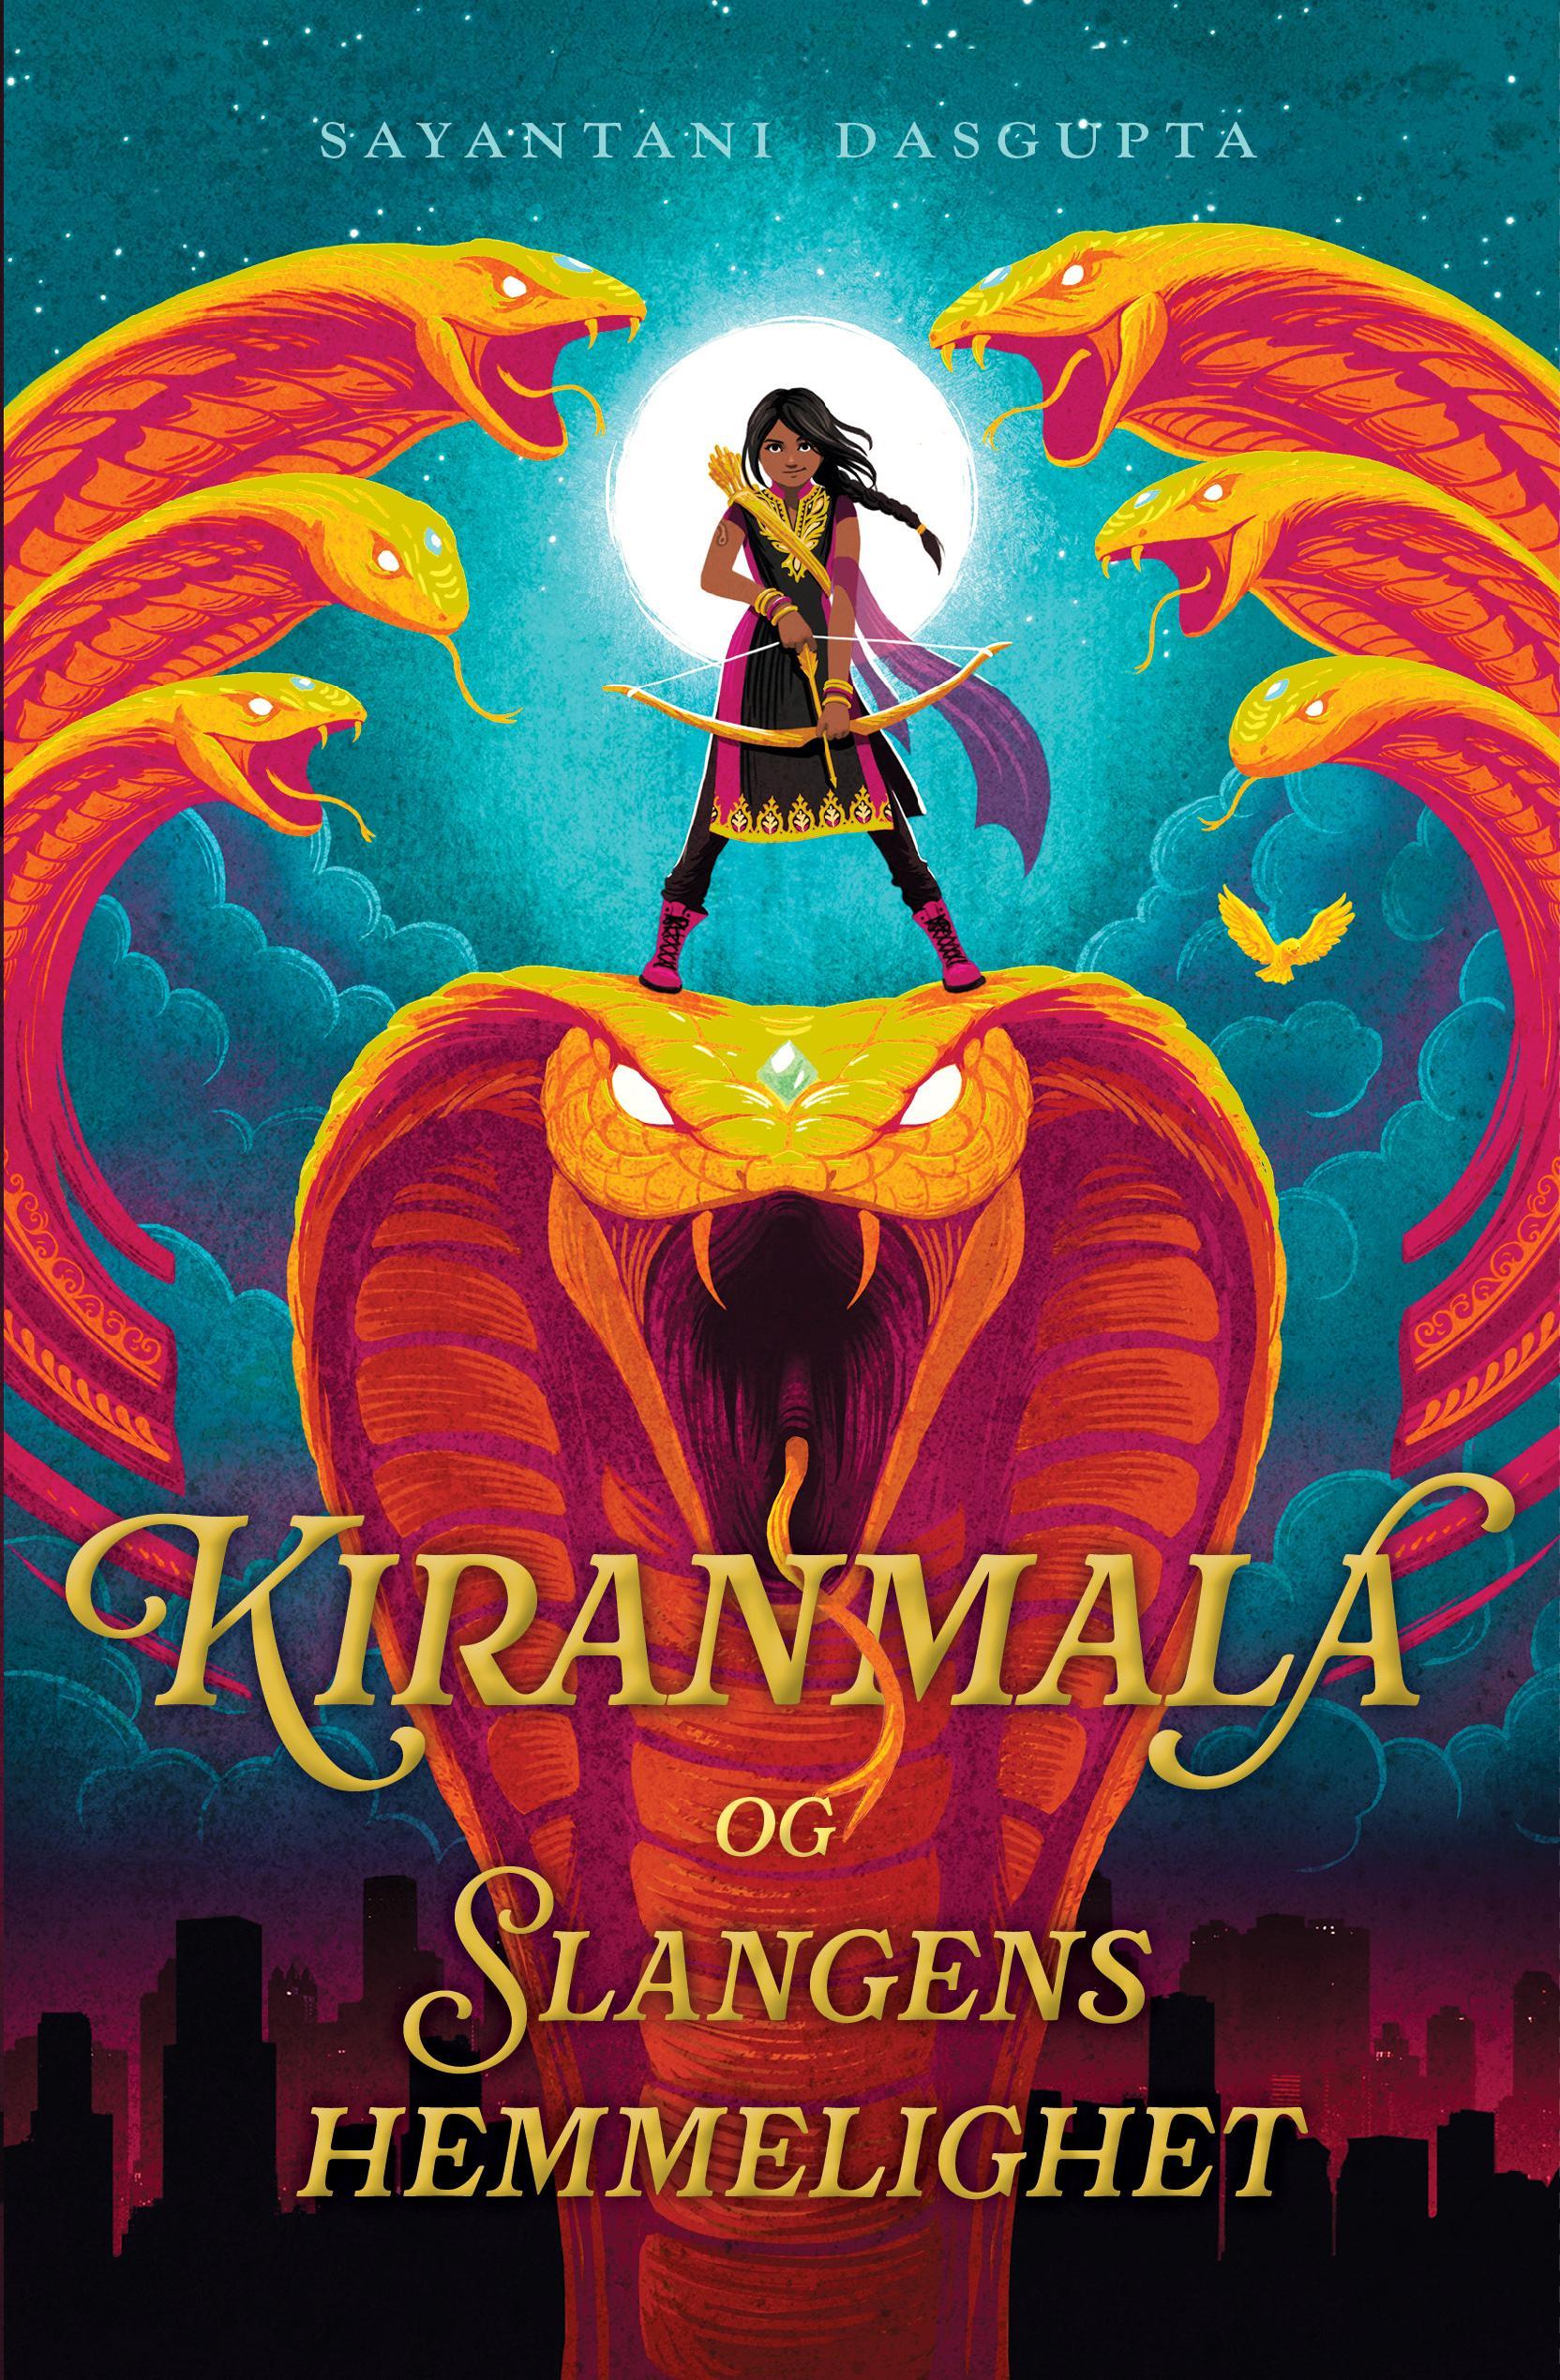 """""""Kiranmala og slangens hemmelighet"""" av Sayantani DasGupta"""